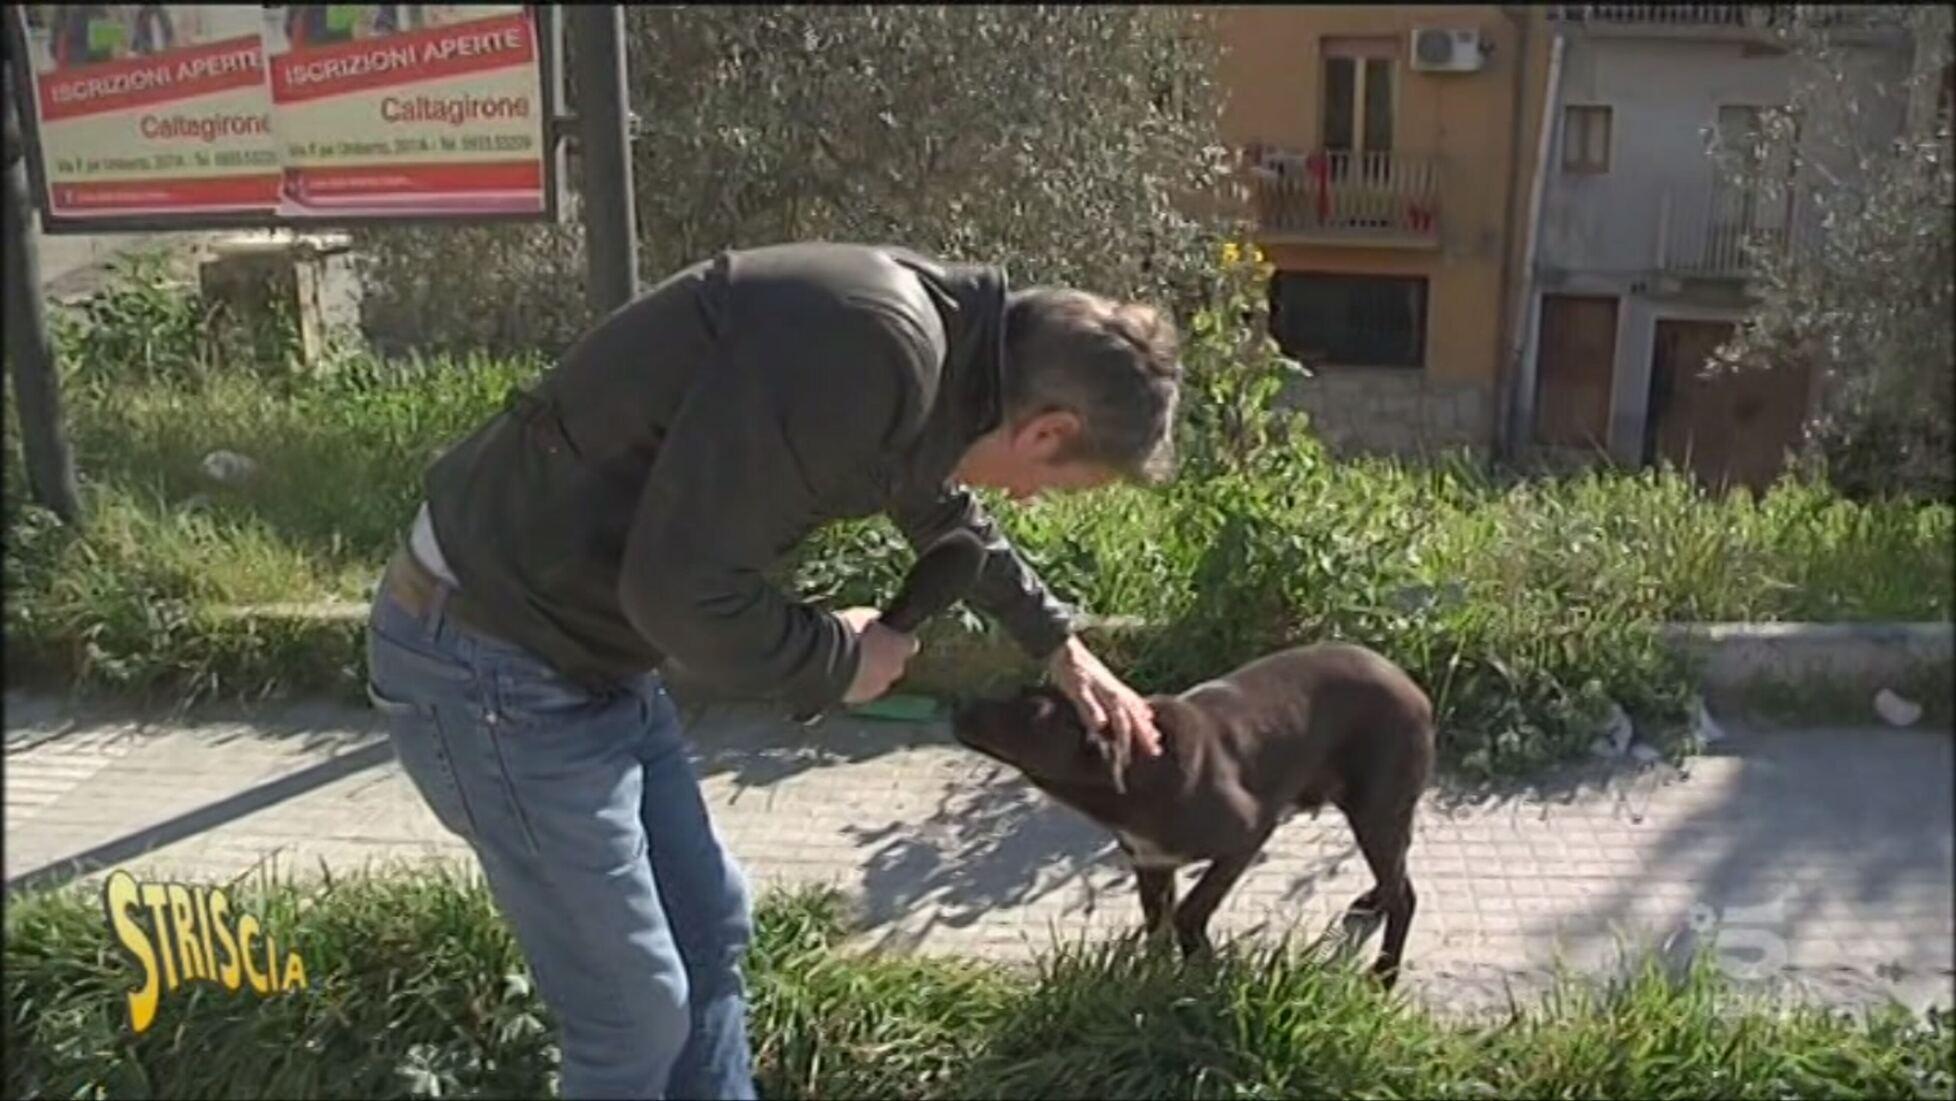 Risultato immagini per Cani randagi caltagirone